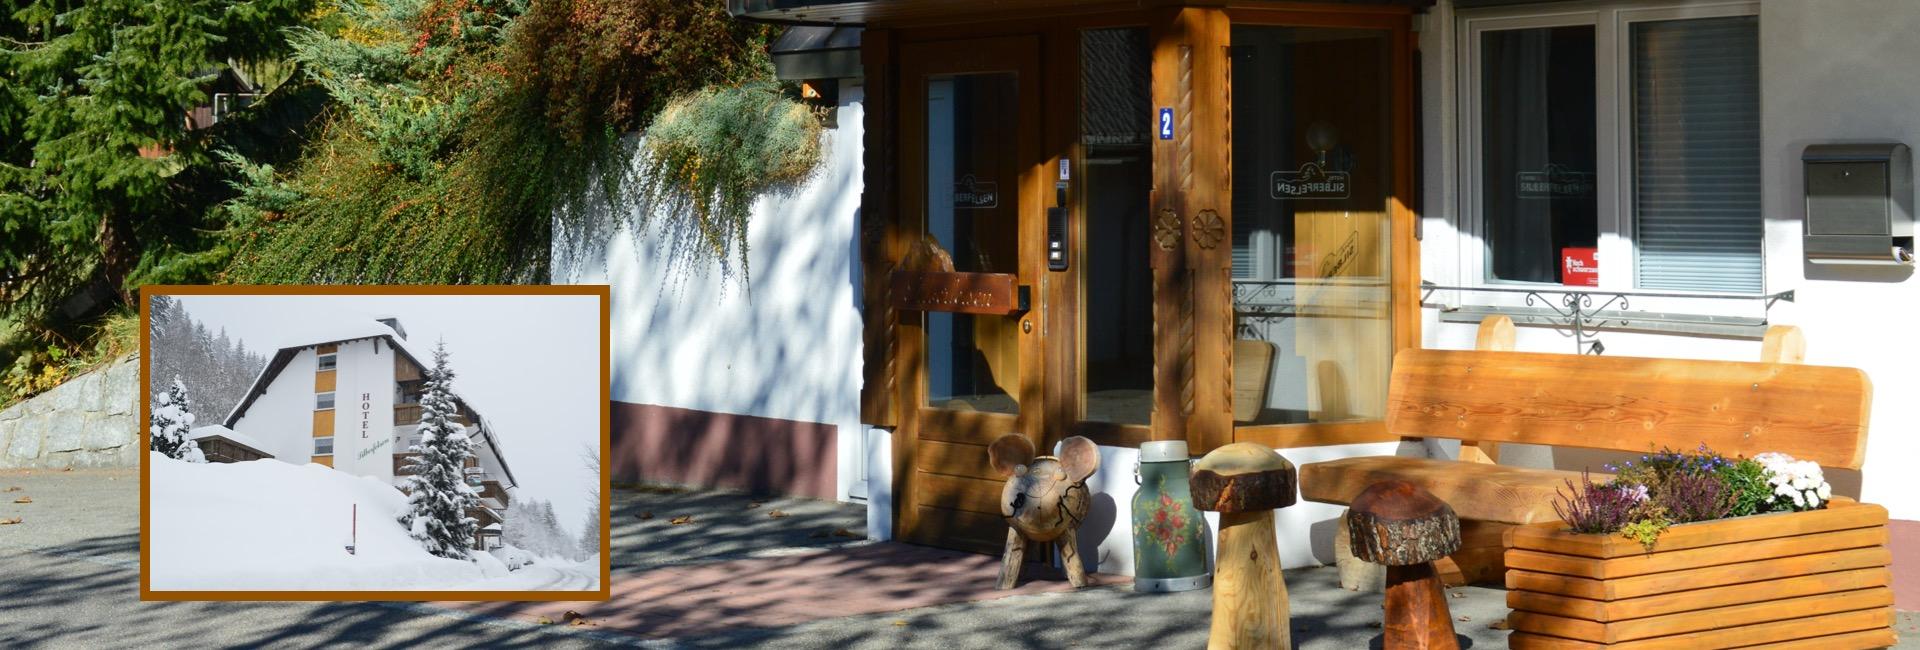 Hotel Silberfelsen Hochschwarzwald